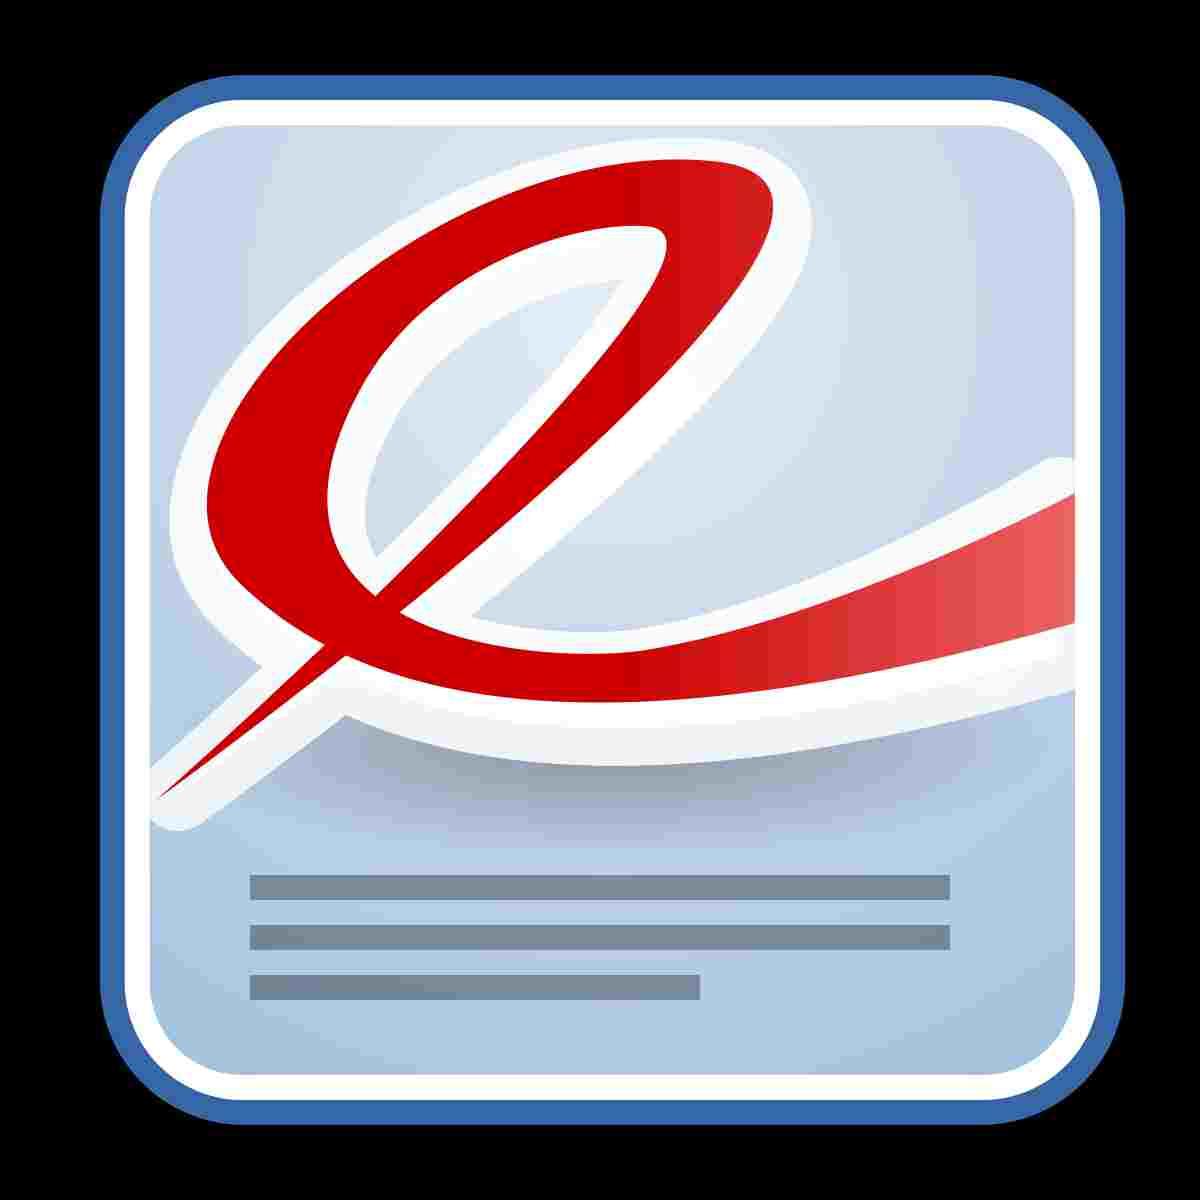 1200px-Evince_logo.svg_compress9.jpg